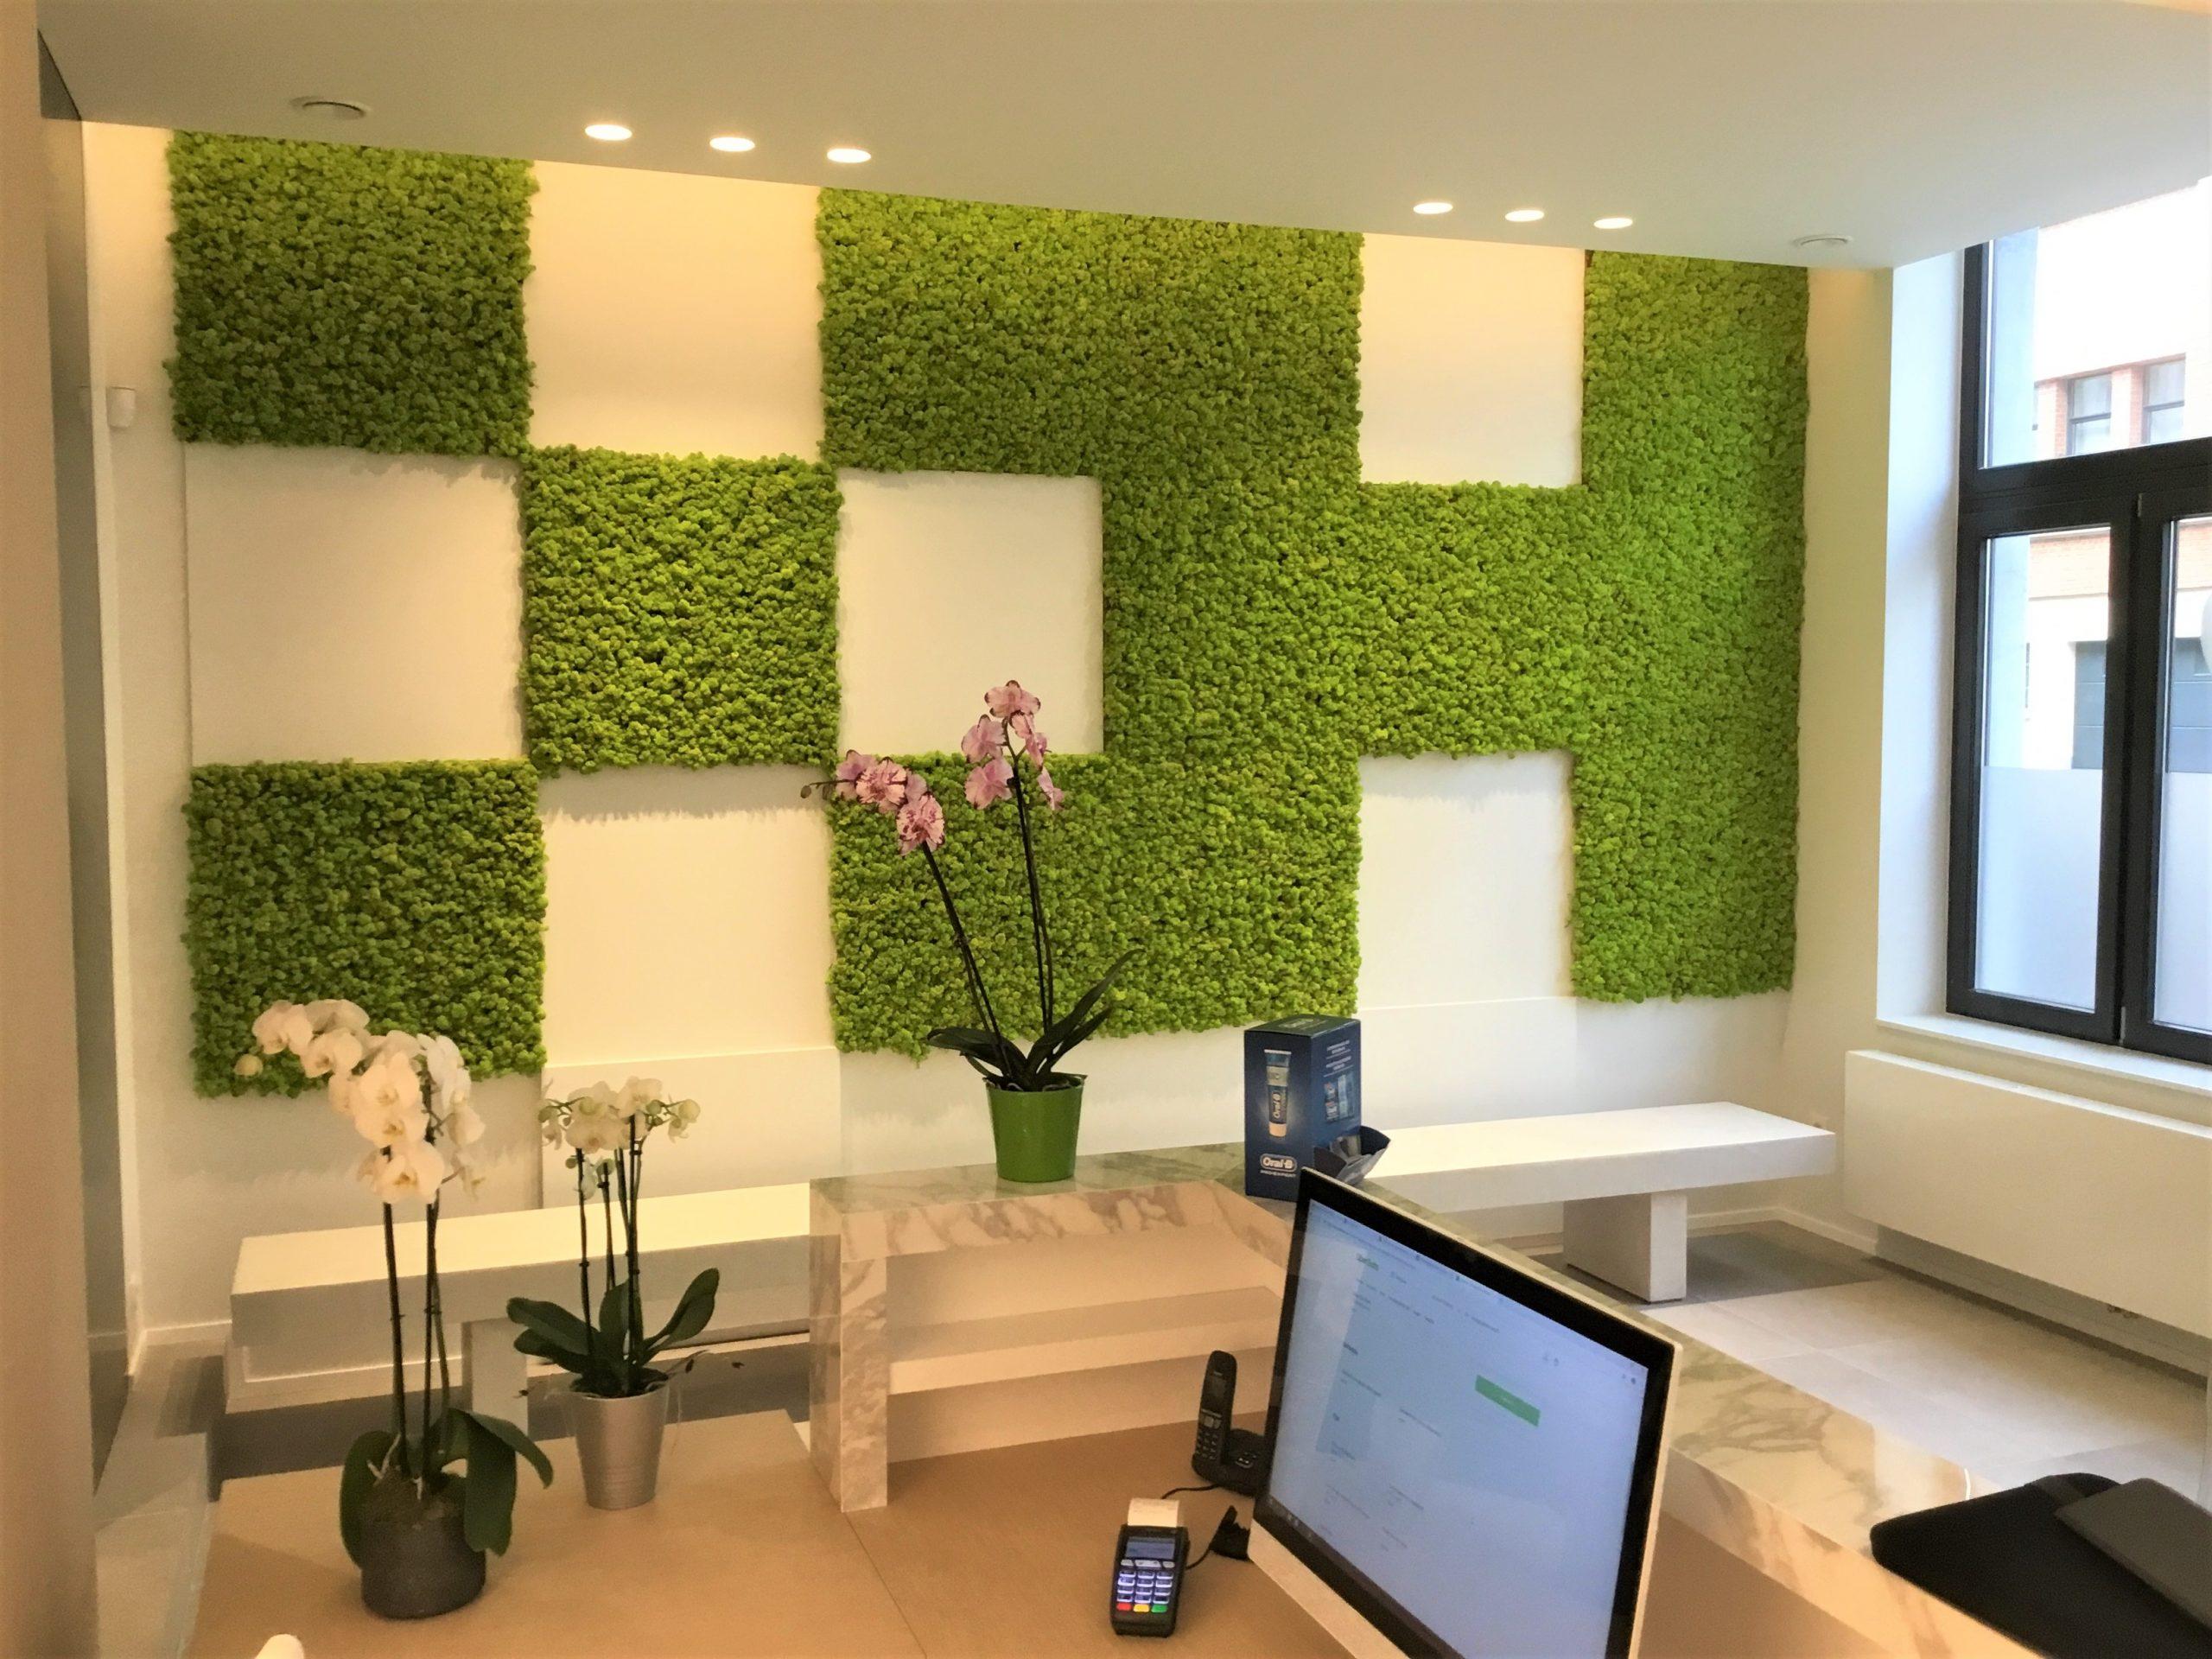 Creatieve wanddecoratie van mos bij een Tandarts